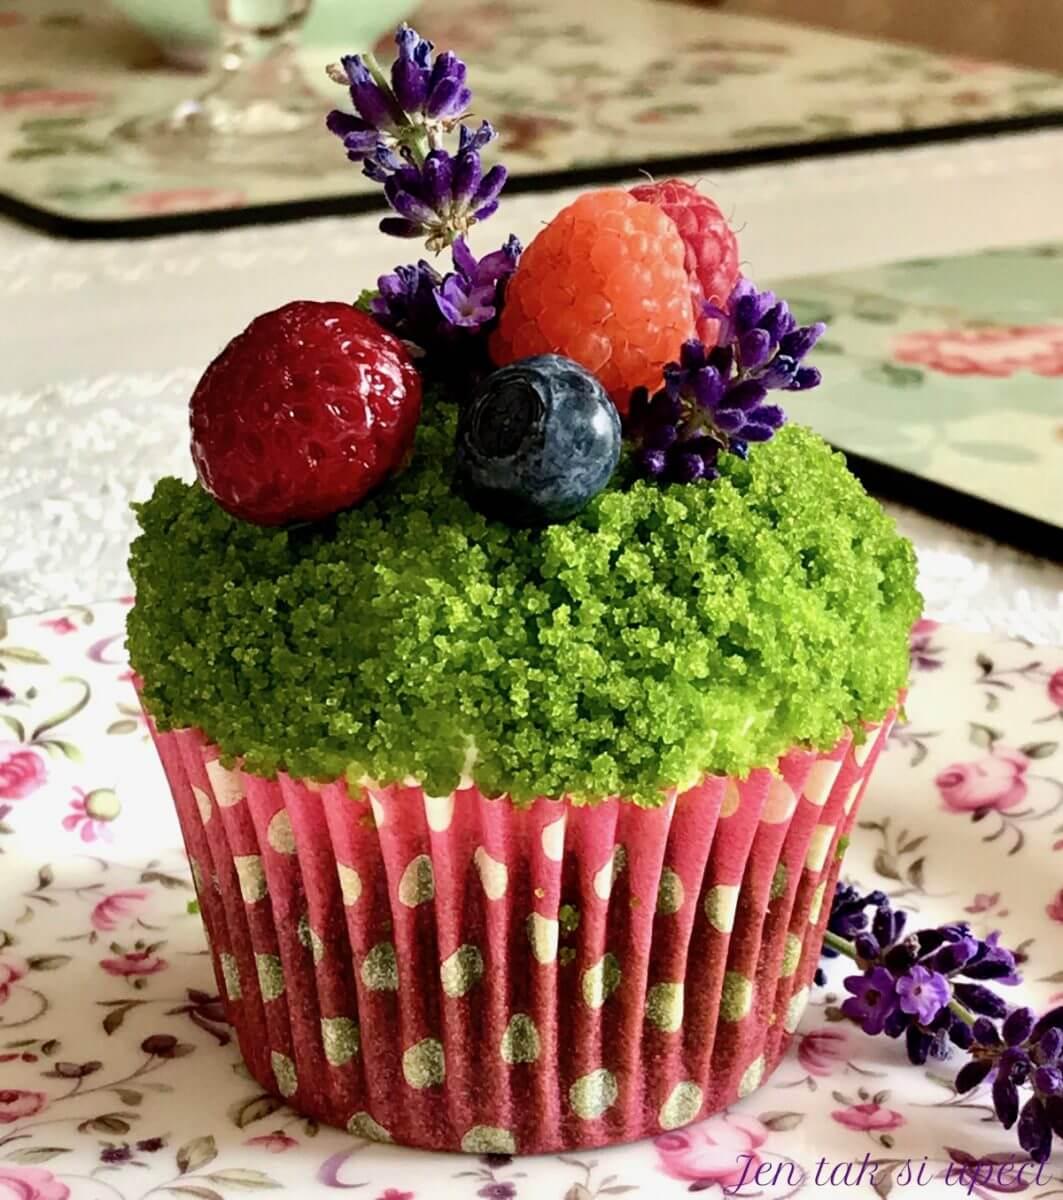 Mechový cupcake poslední foto článku